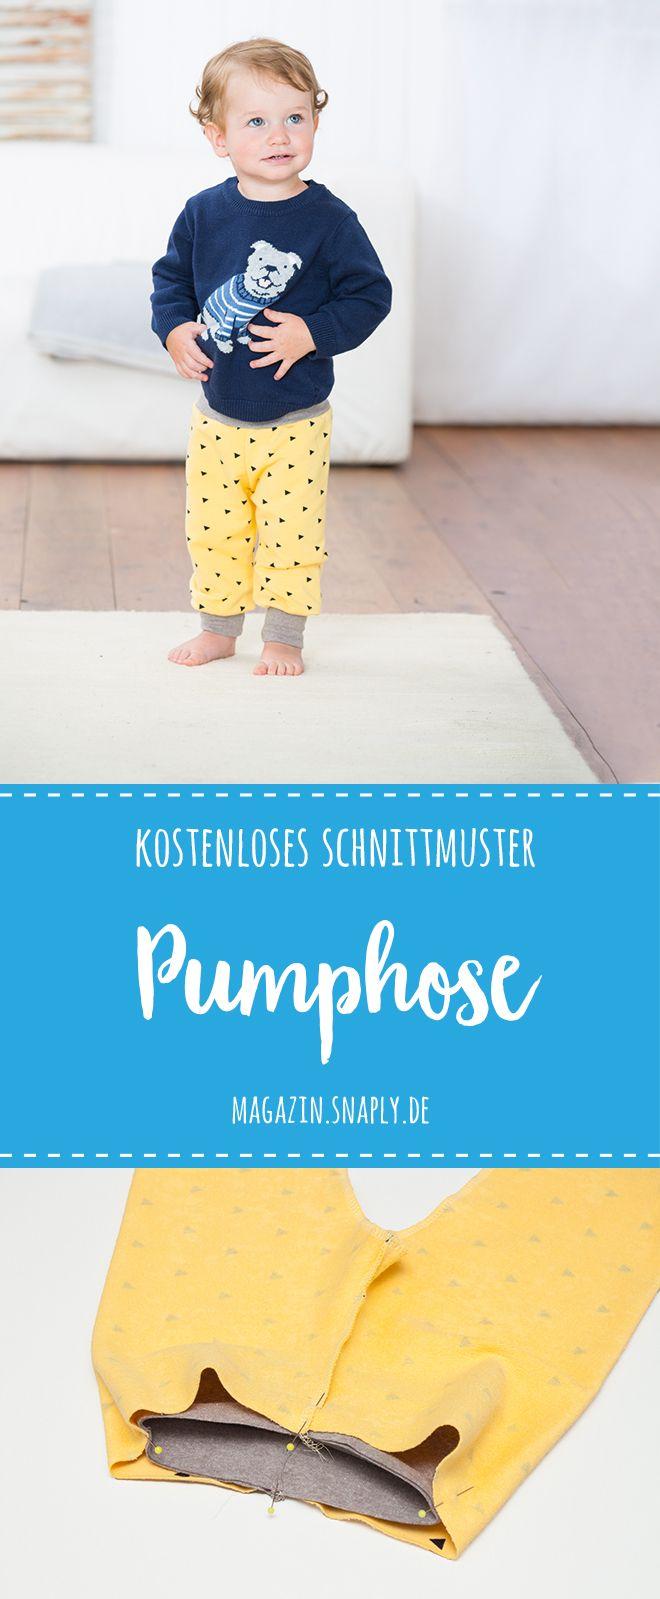 Photo of Kostenloses Schnittmuster: Pumphose für Babys und Kleinkinder Snaply Magazine